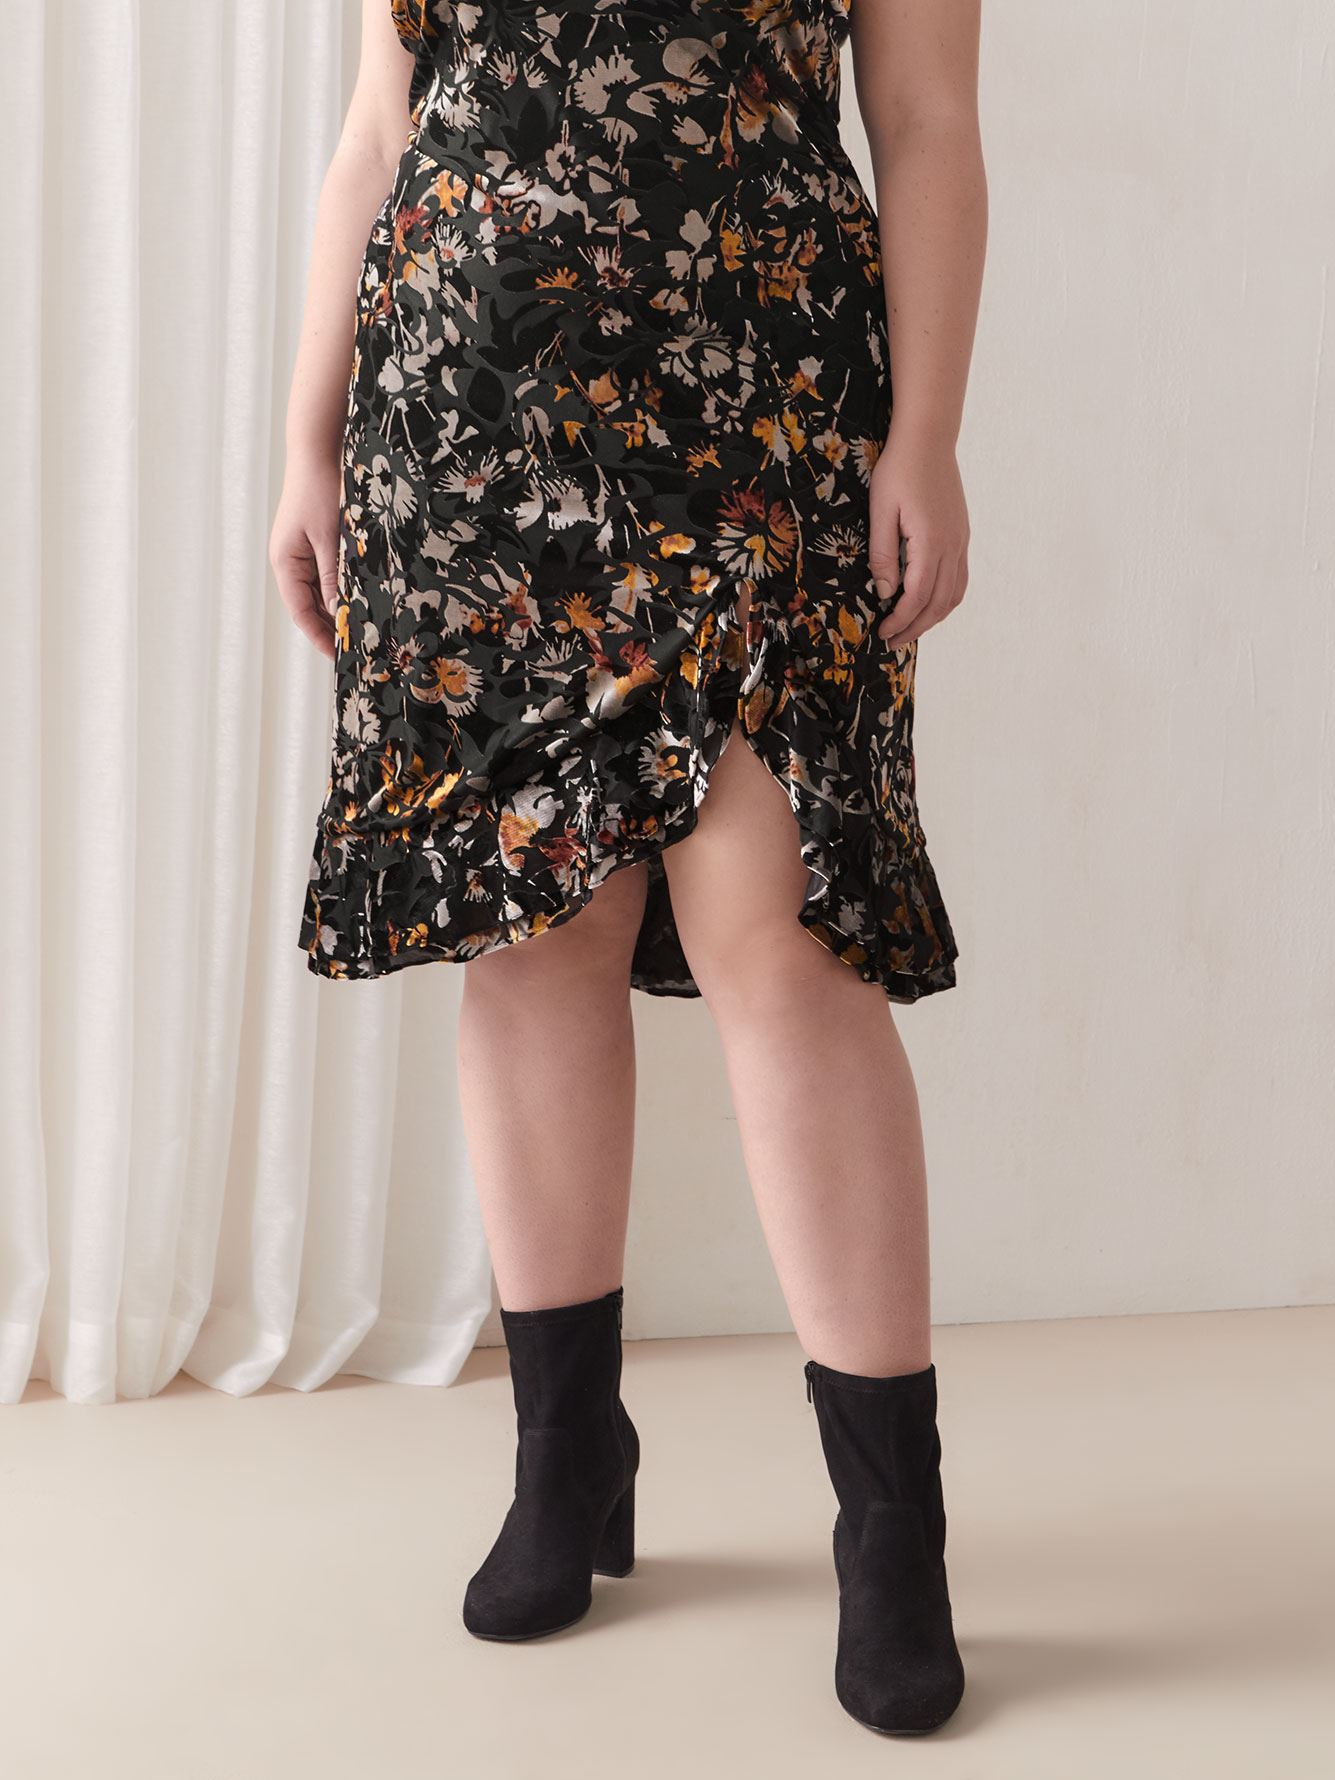 Floral Velvet Blythe Slip Dress - RACHEL Rachel Roy